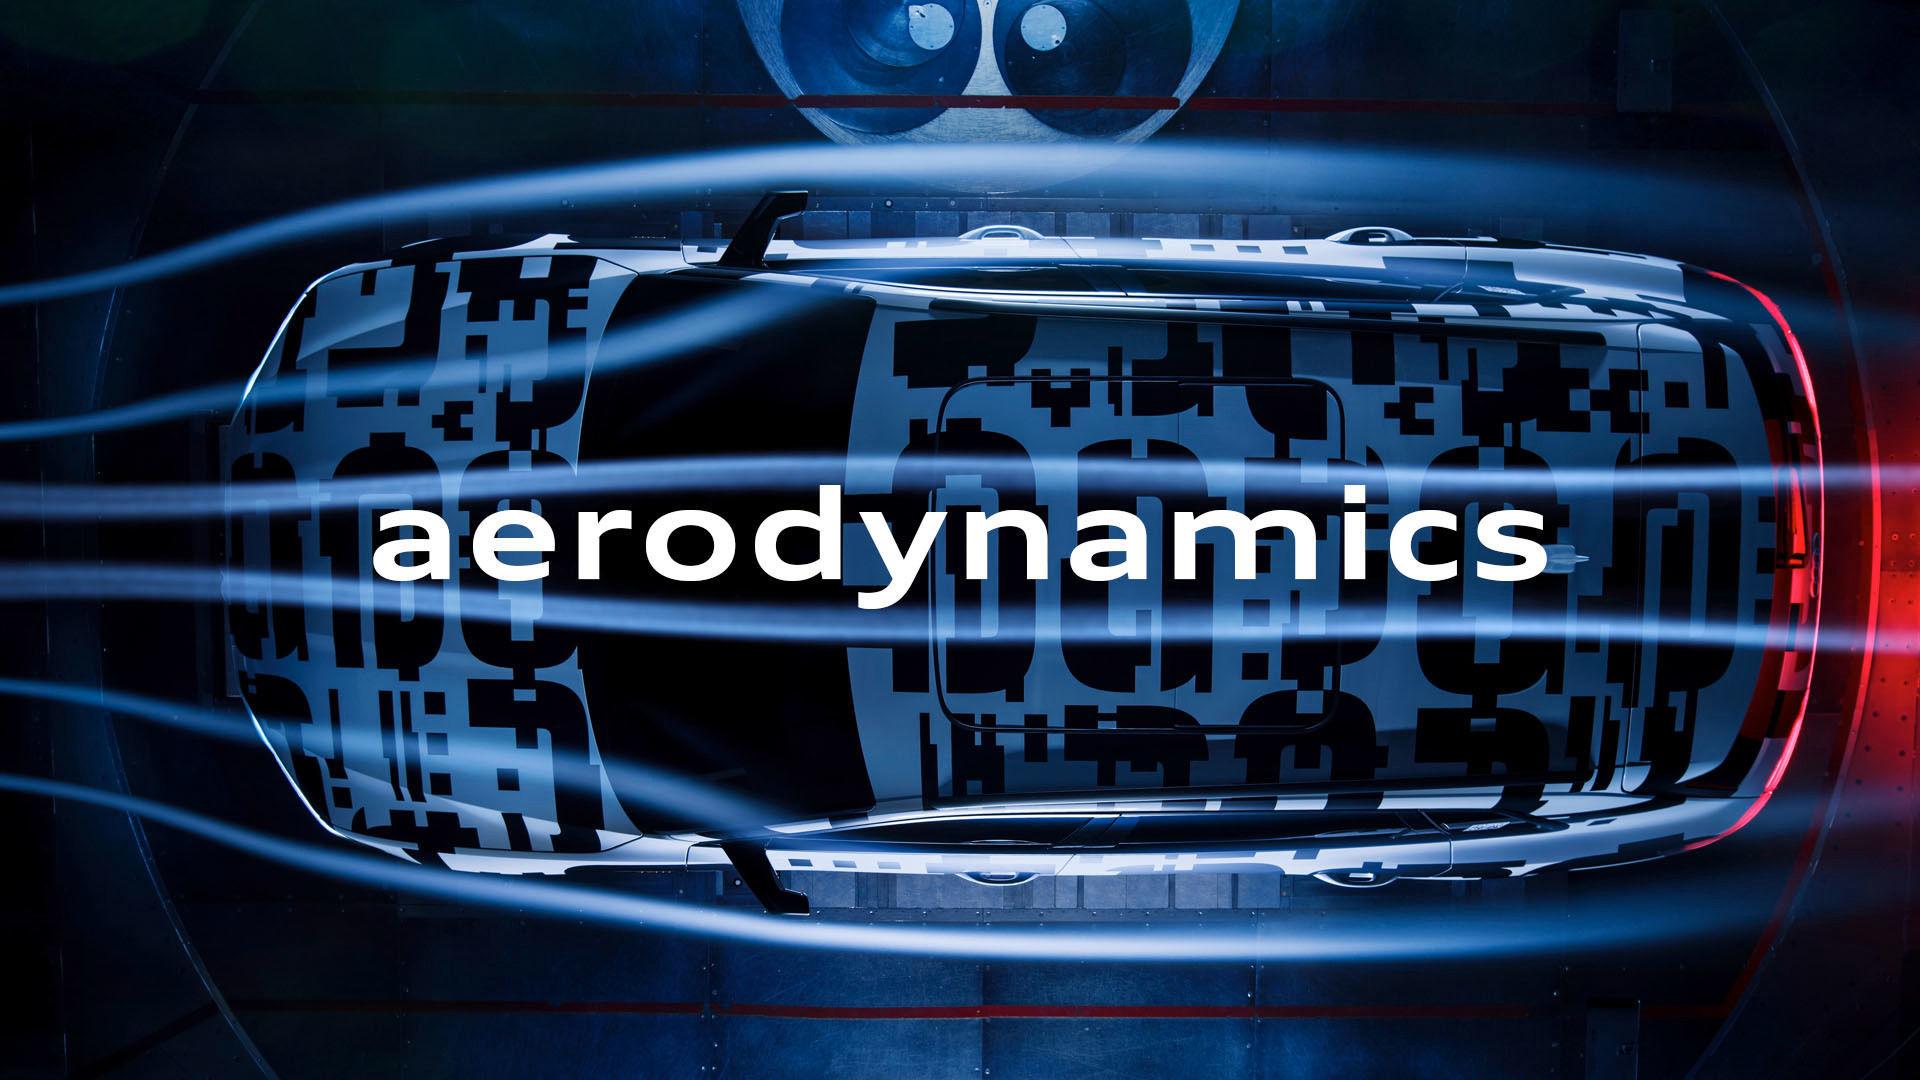 e-tron aerodynamics